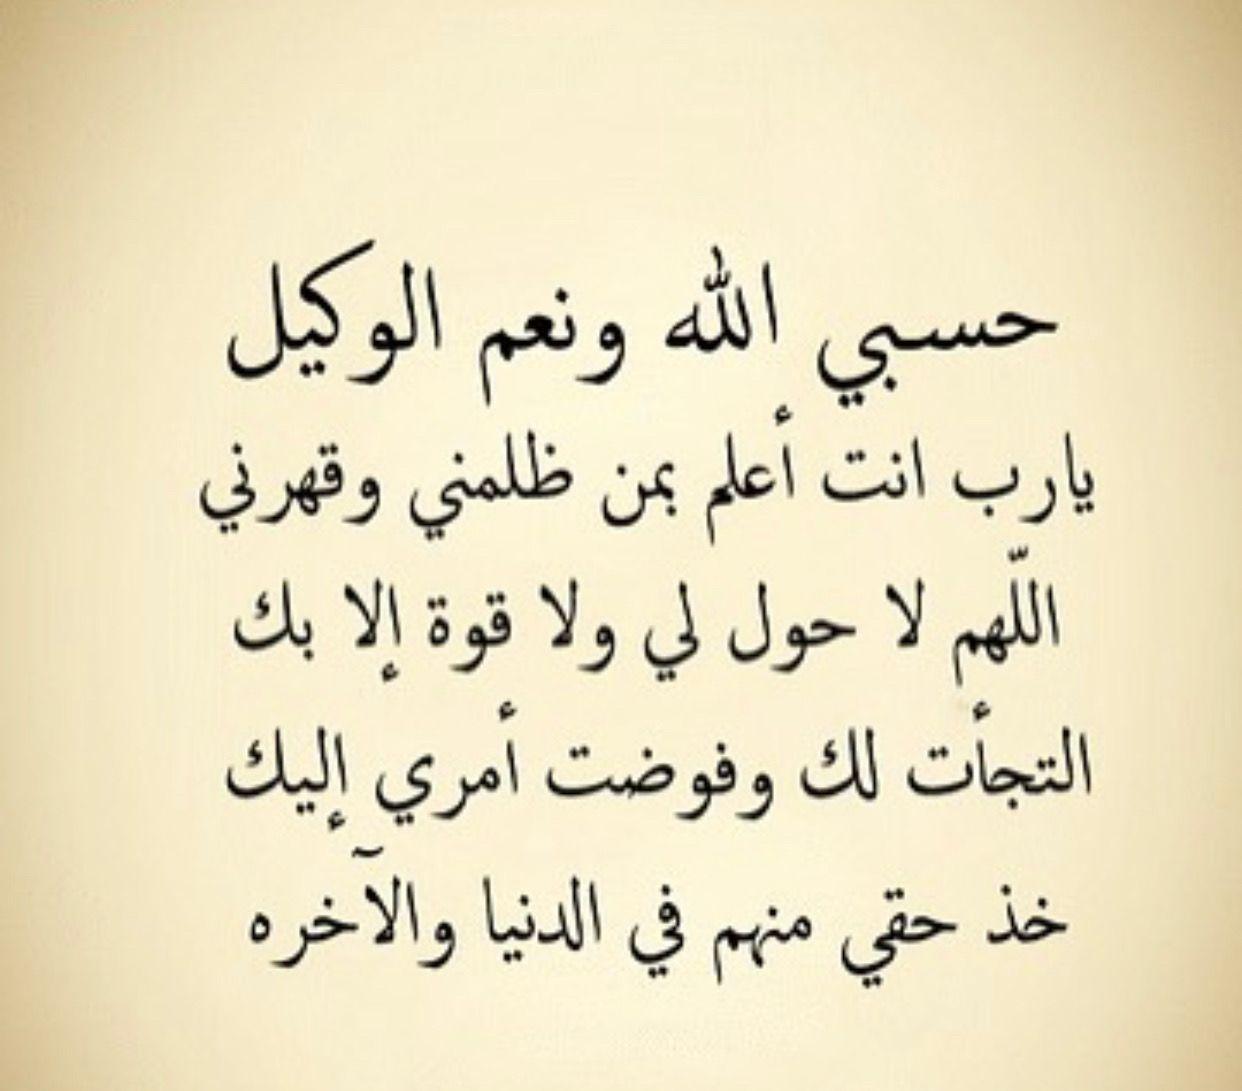 حسبى الله ونعم الوكيل Quran Quotes Love Islamic Quotes Islamic Phrases